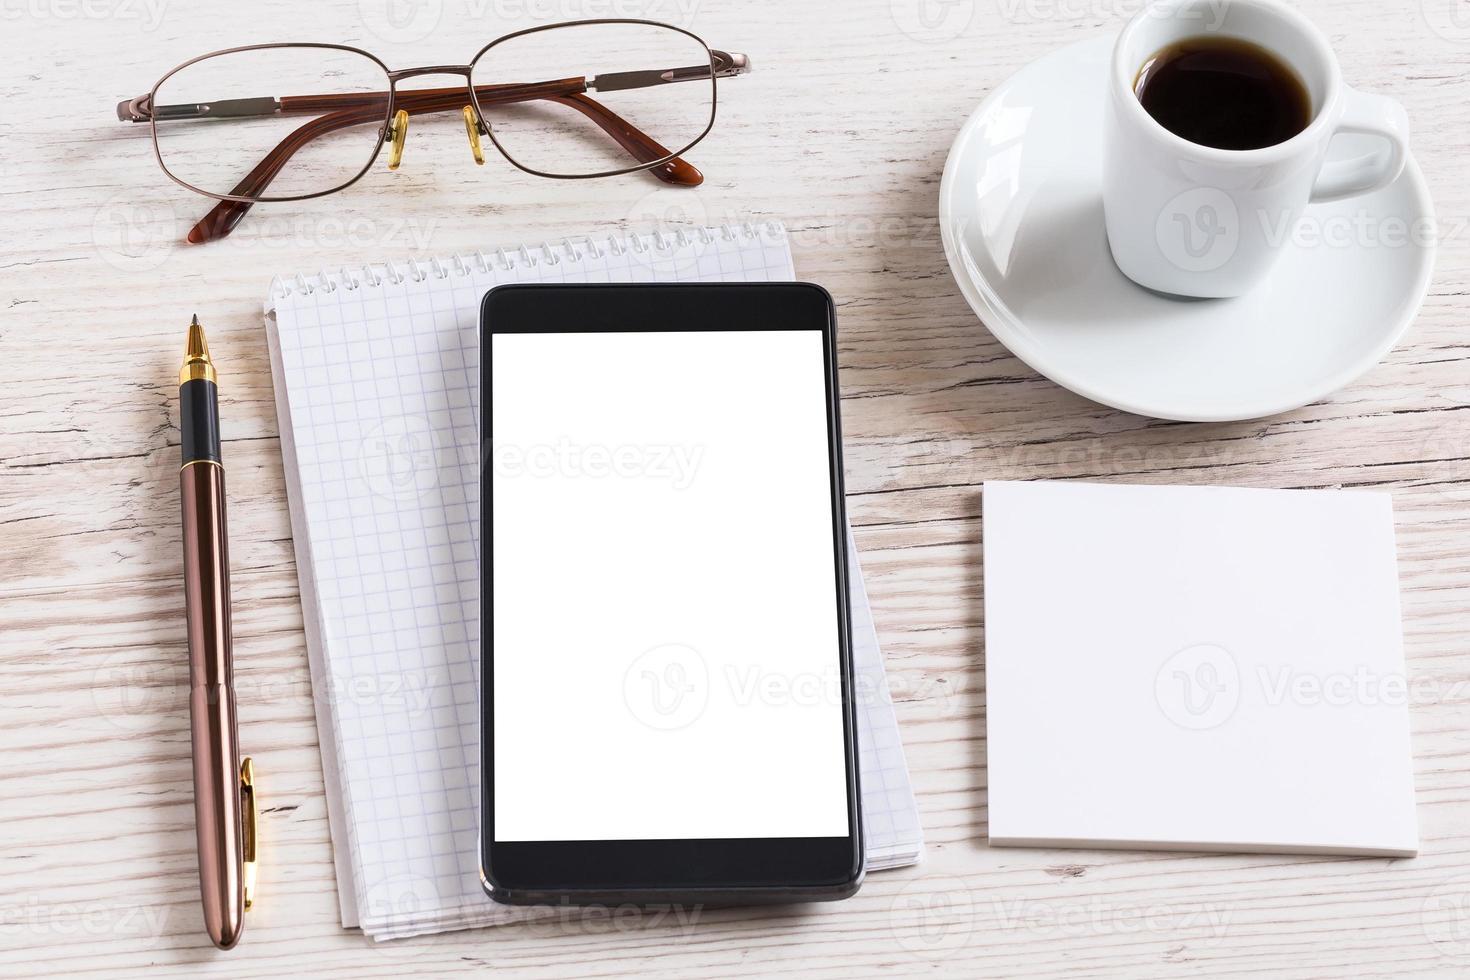 Notizbuch mit Brille, Bleistift, Smartphone und Kaffeetasse foto